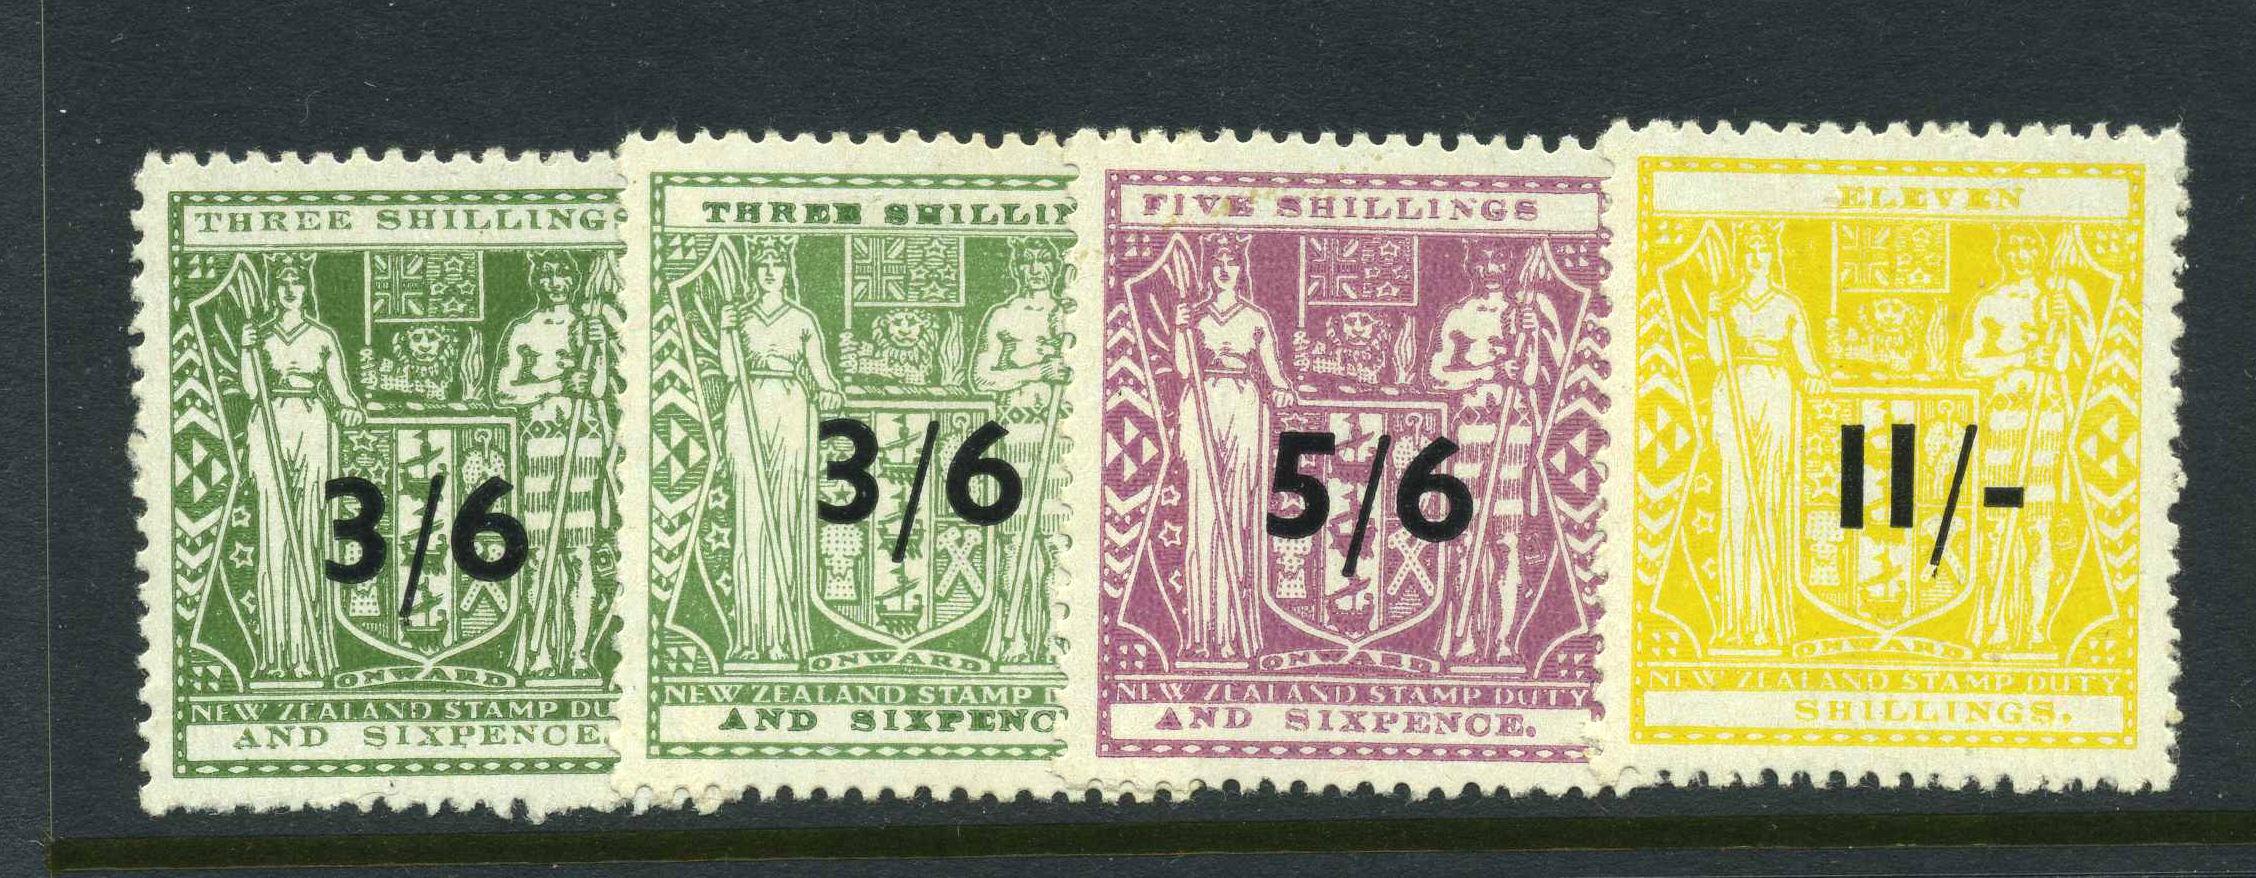 NZLX065088_F212-F215_1